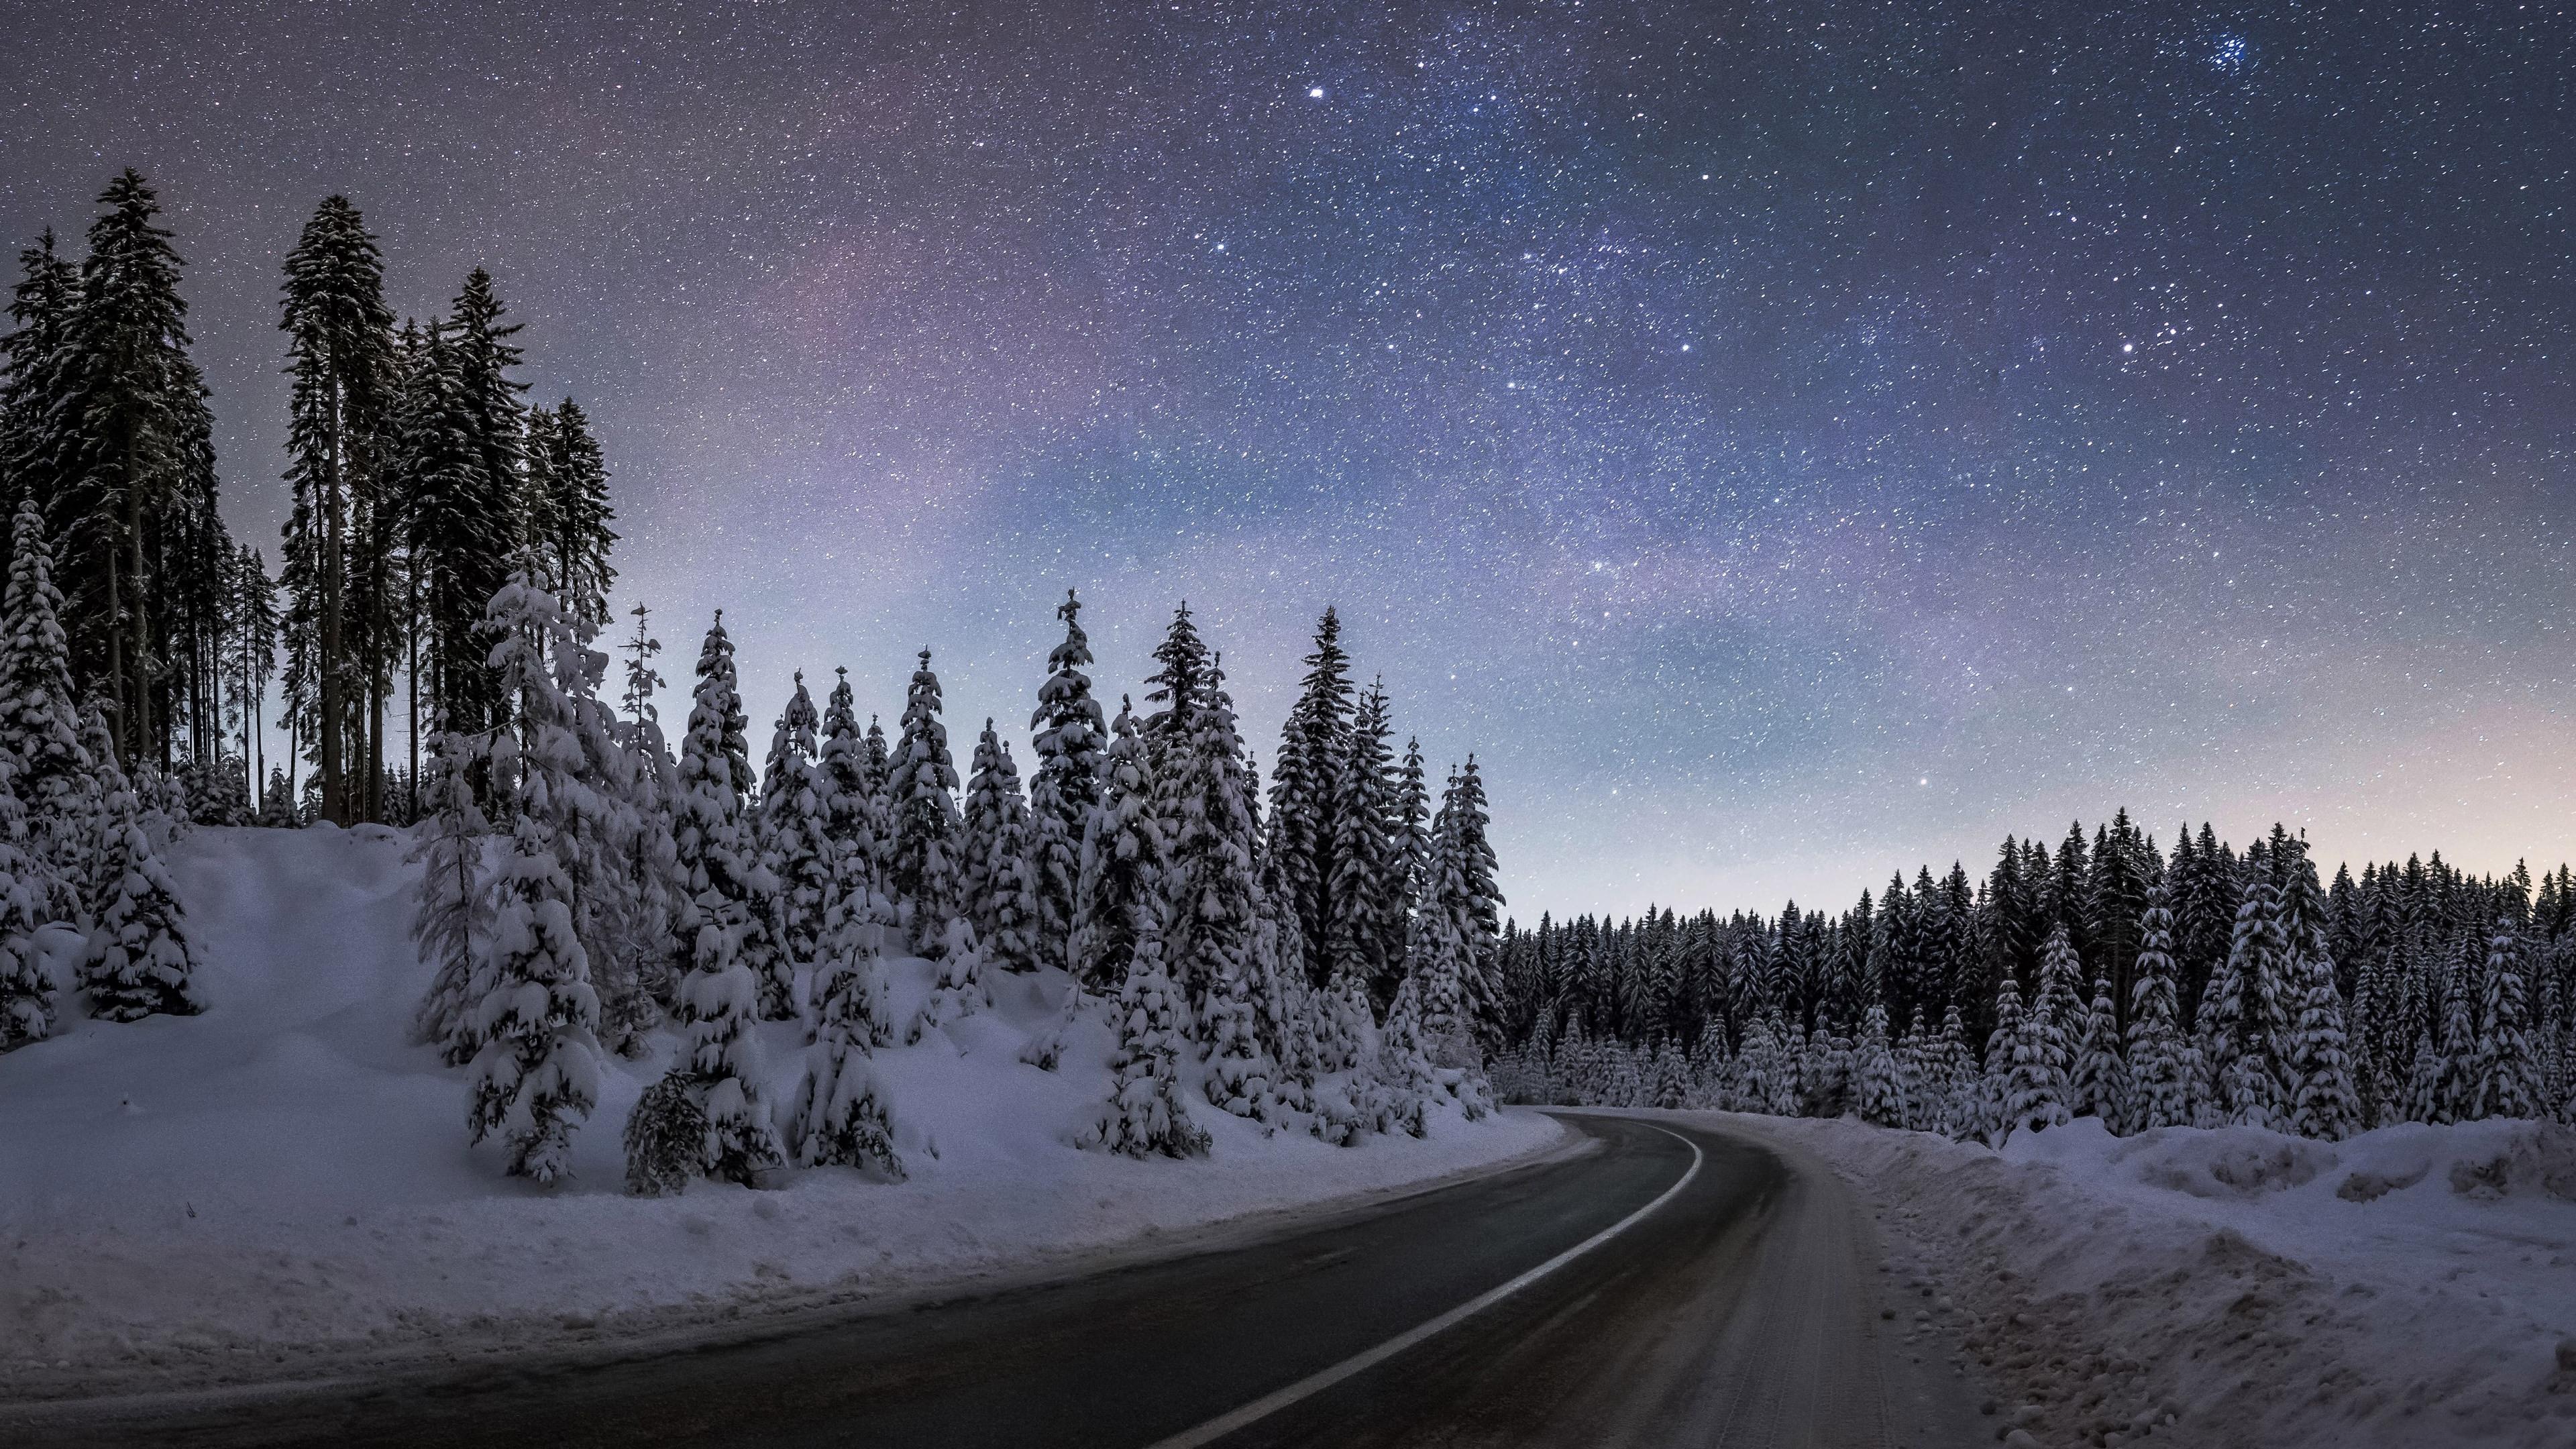 Download wallpaper: Winter night at Pokljuka forest 3840x2160